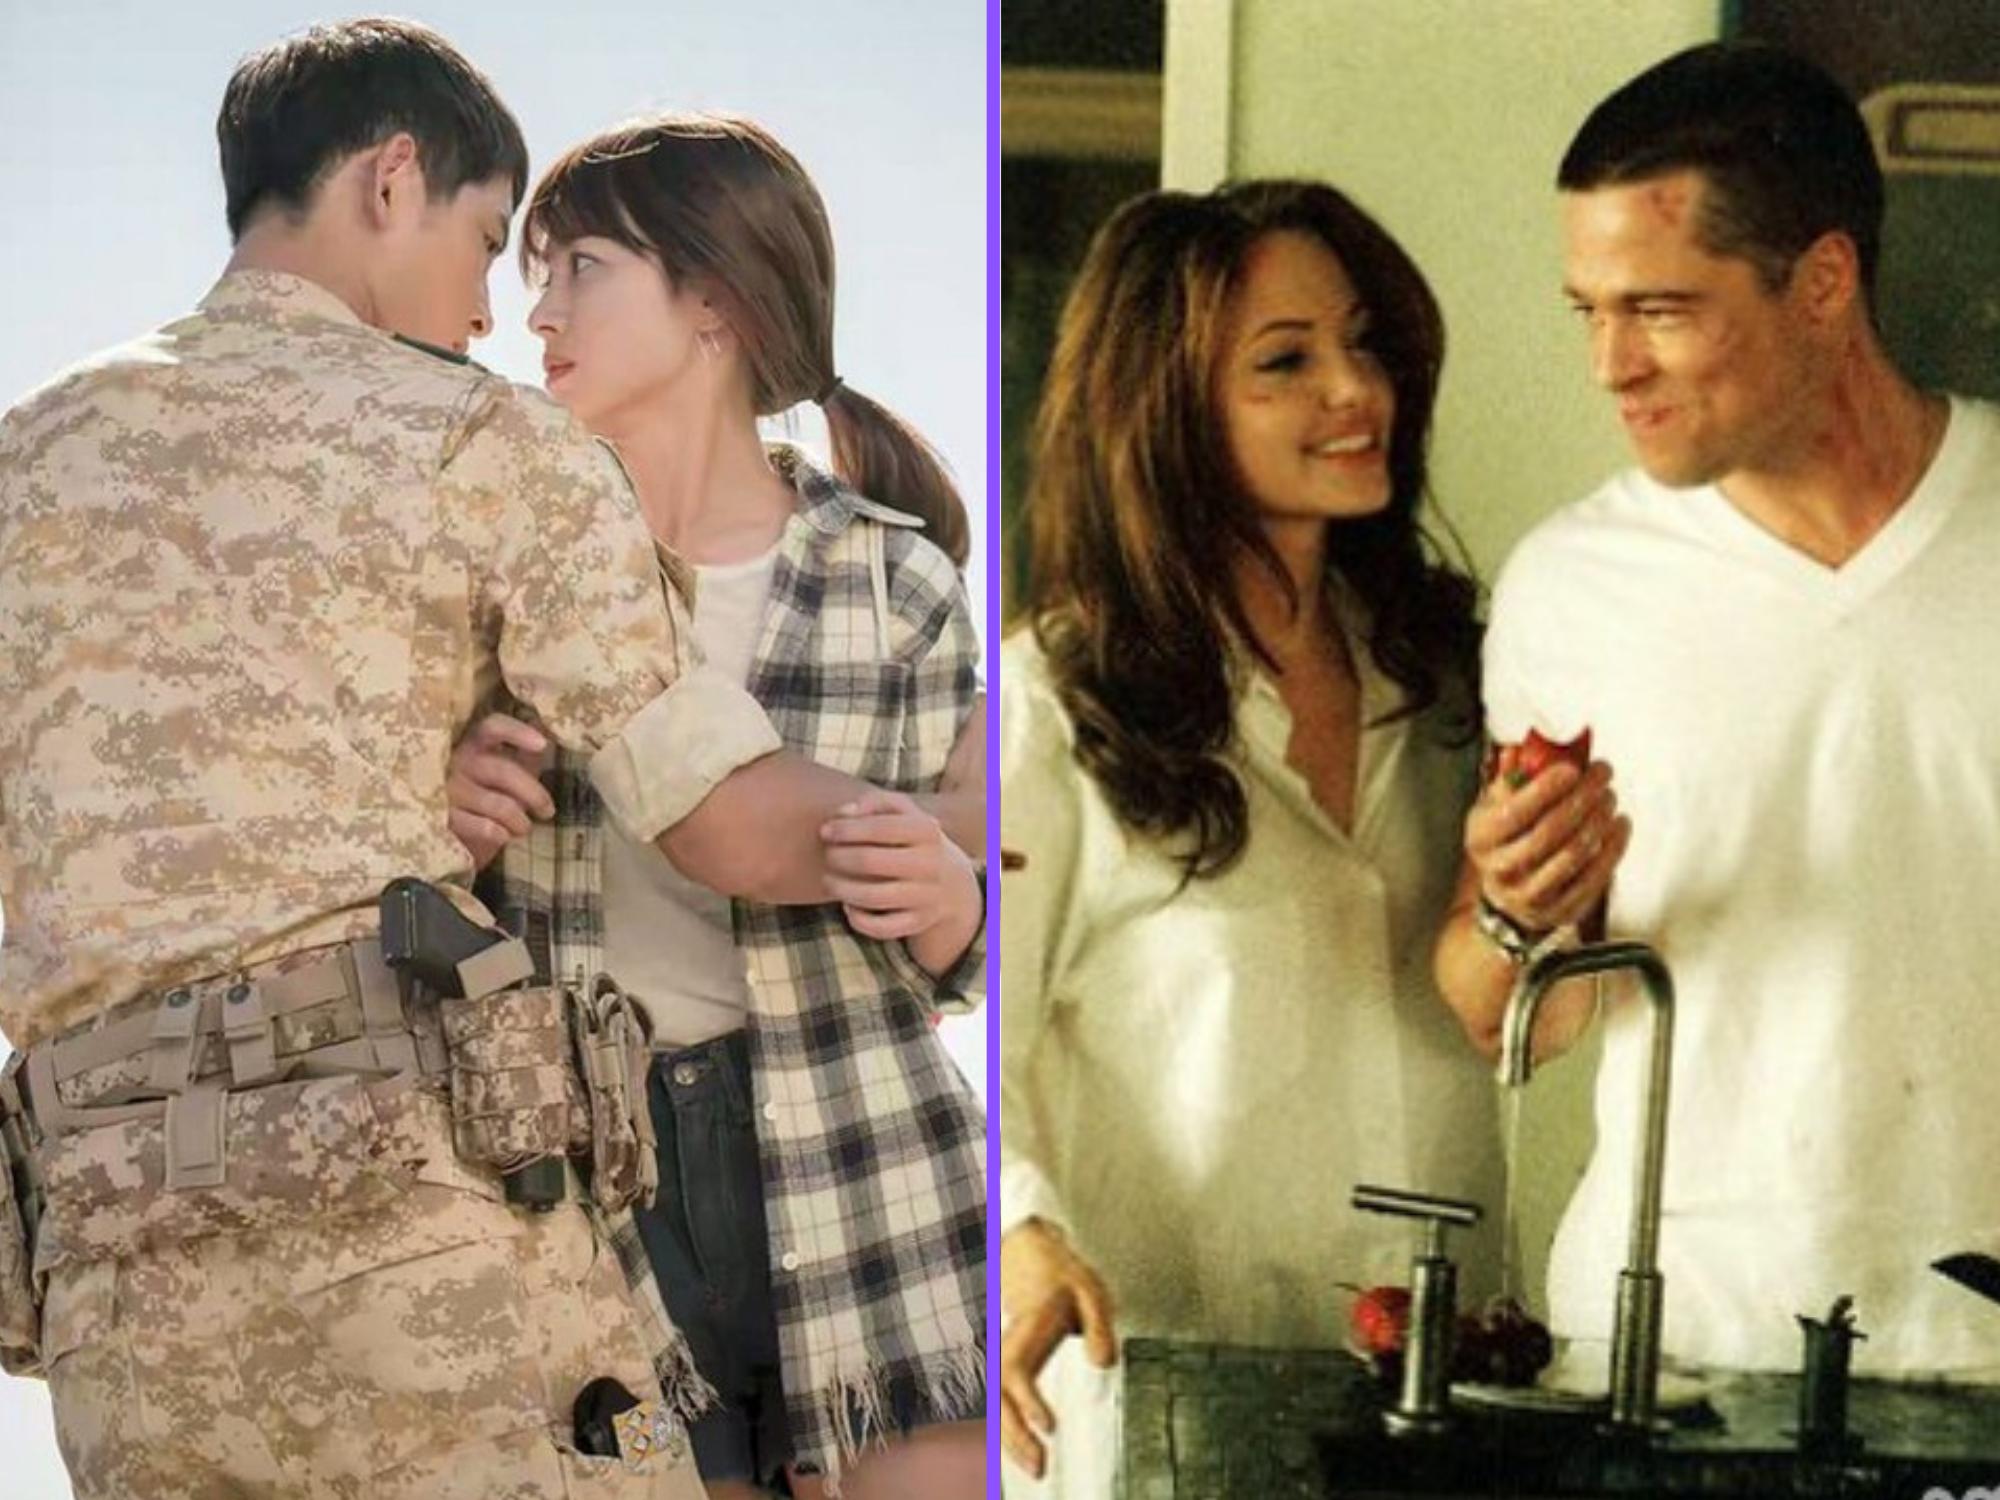 Từng hứa bên nhau mãi mãi, những cặp đôi 'phim giả tình thật' này sẽ cho bạn biết 'mãi mãi chỉ là vài năm'